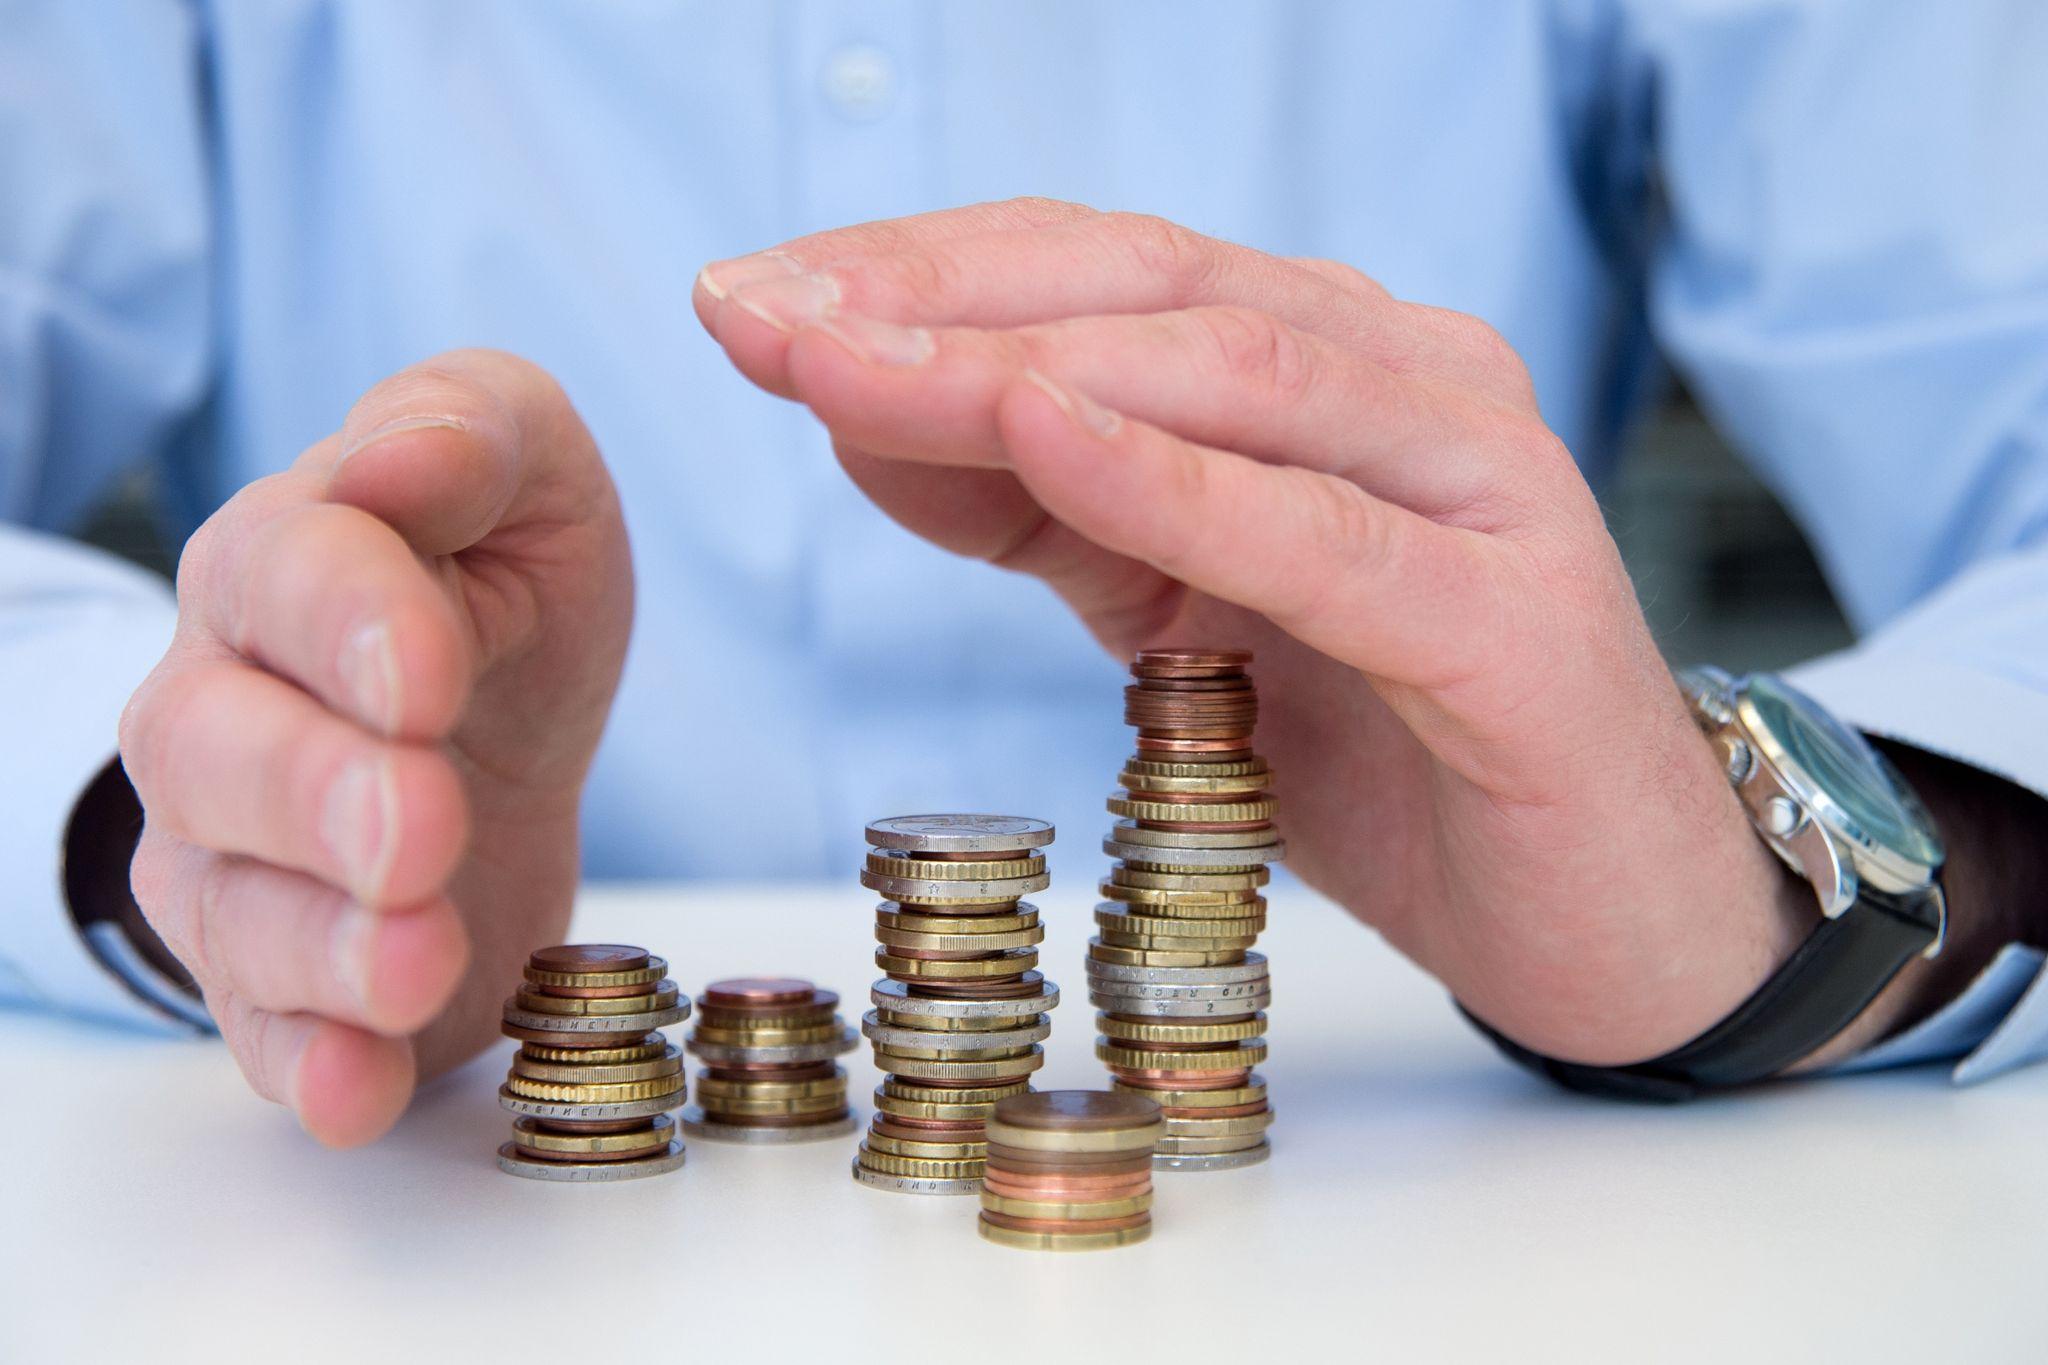 Bevor man Sozialhilfe bekommt, muss eigenes Vermögen aufgebraucht werden. Eine Bestattungsvorsorge ist aber in der Regel geschützt.